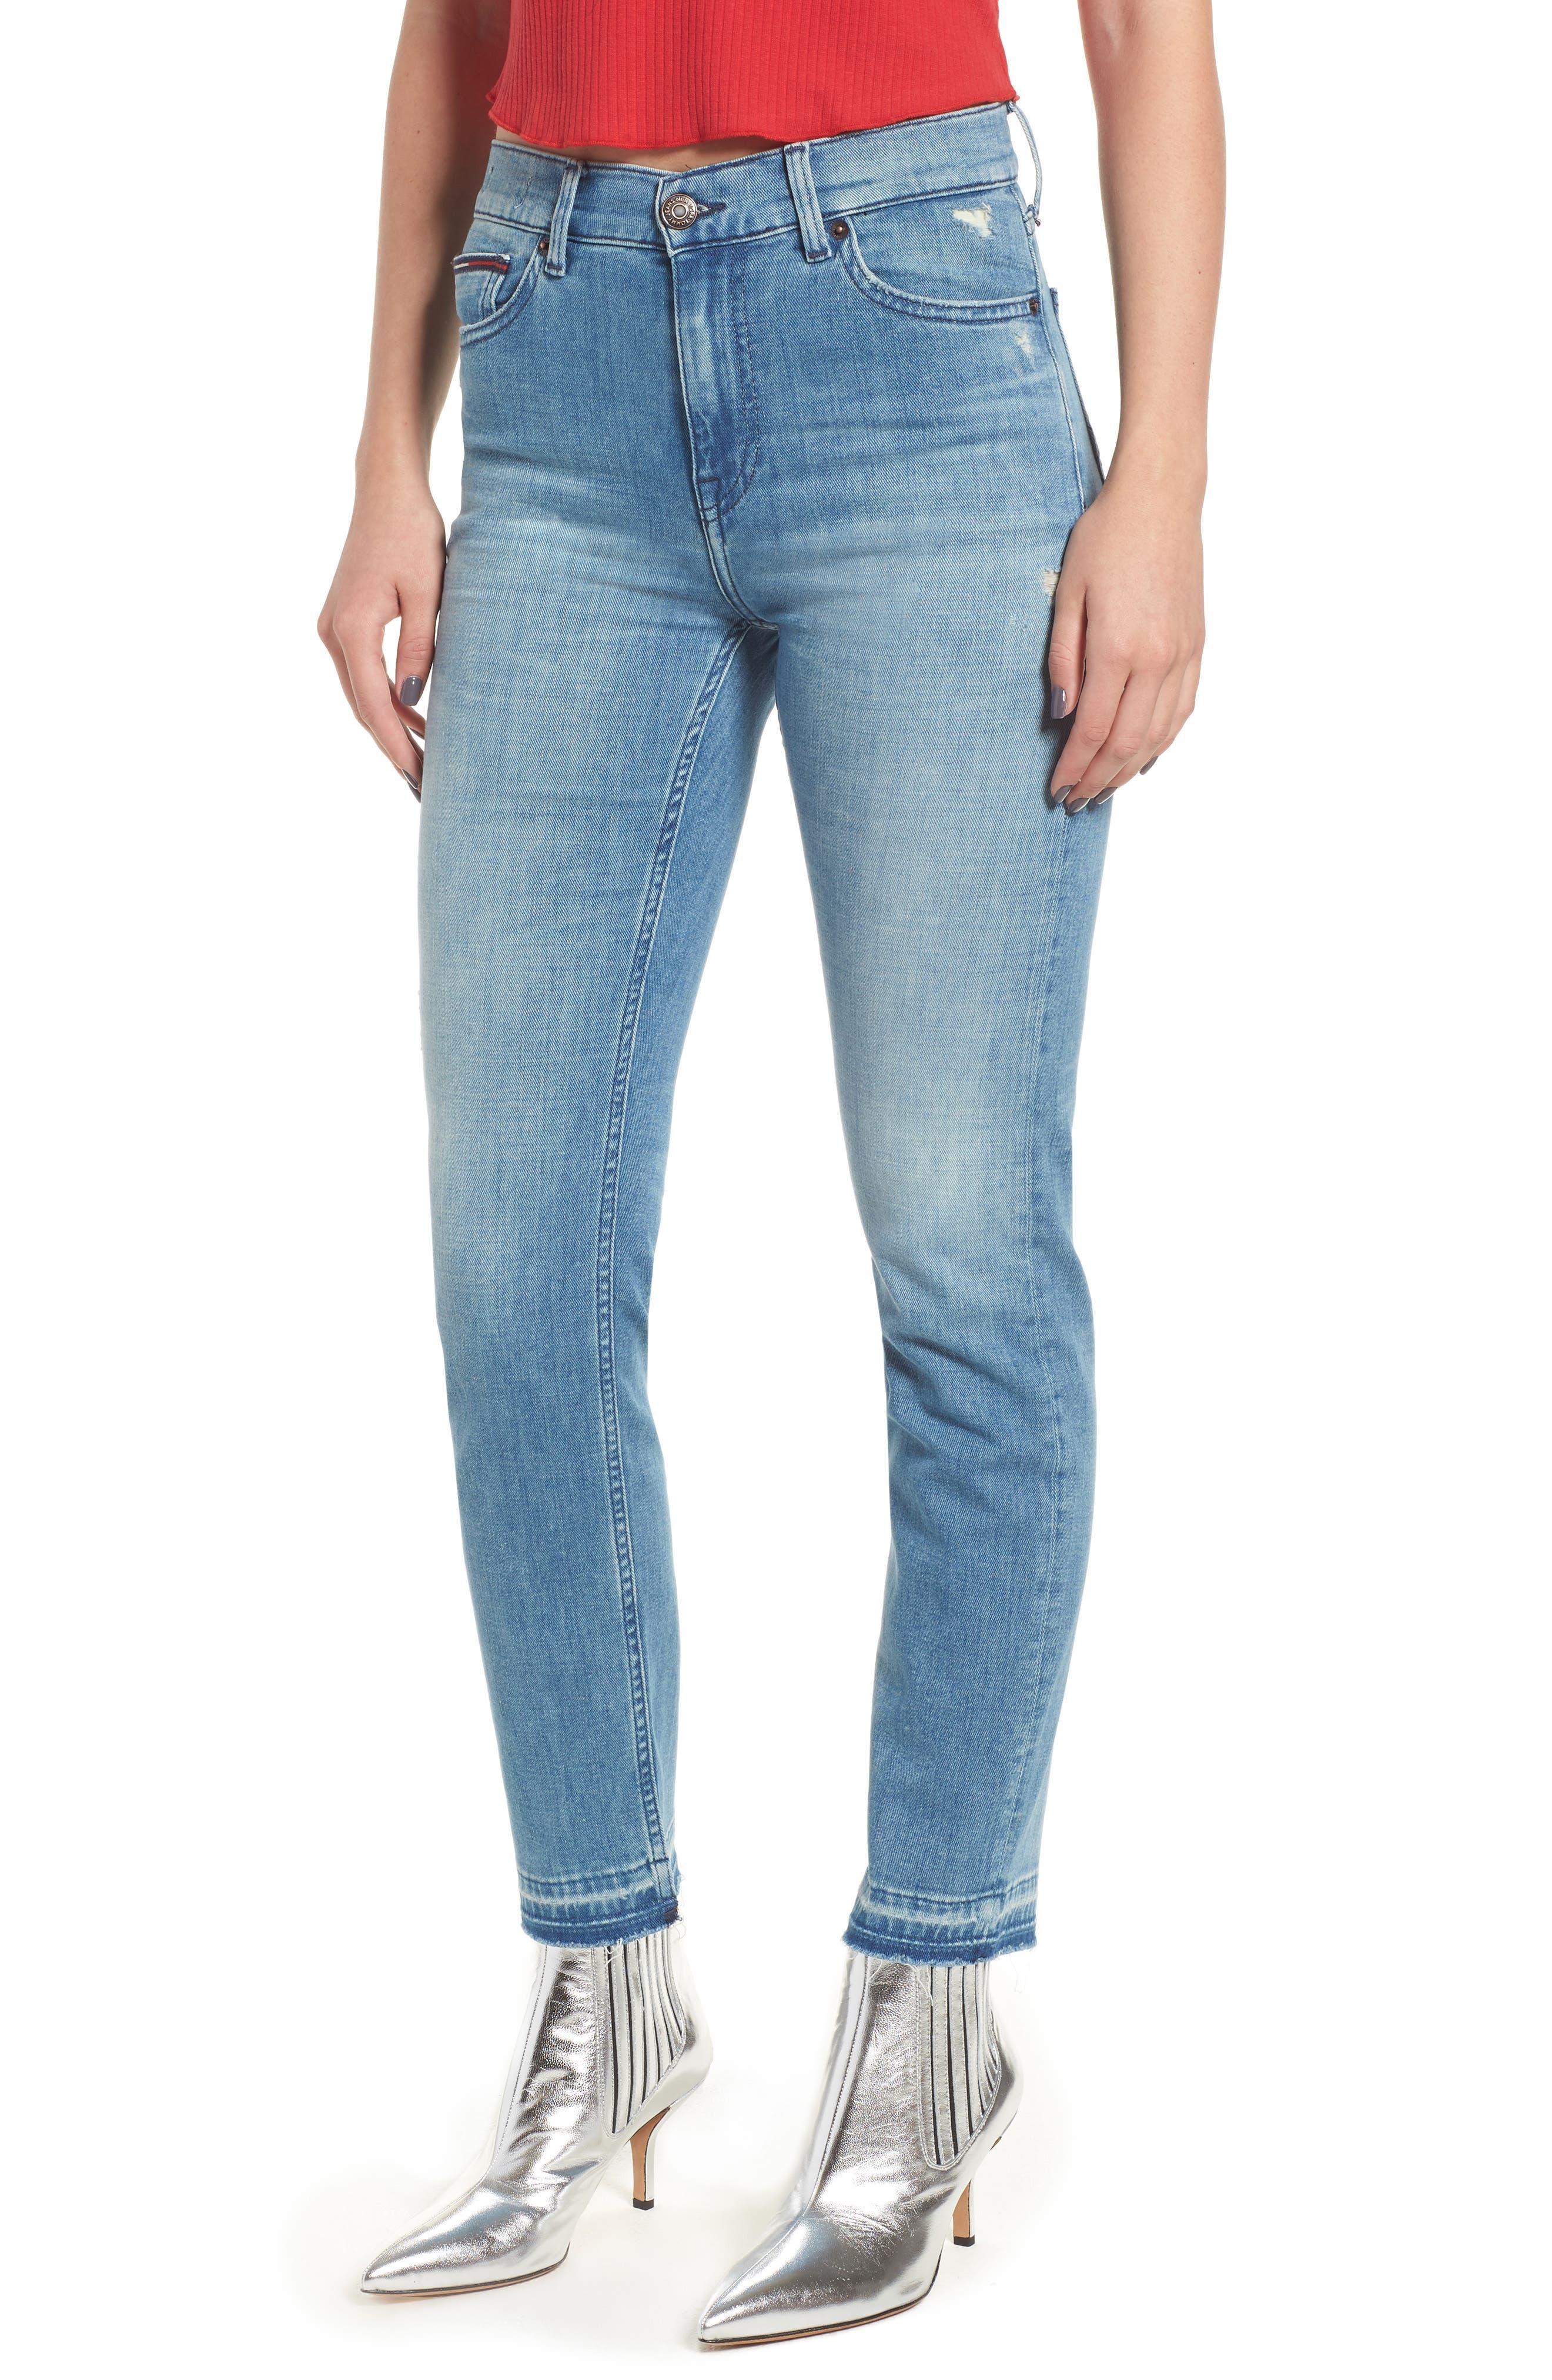 Izzy High Waist Slim Leg Jeans,                             Main thumbnail 1, color,                             Denver Light Blue Comfort